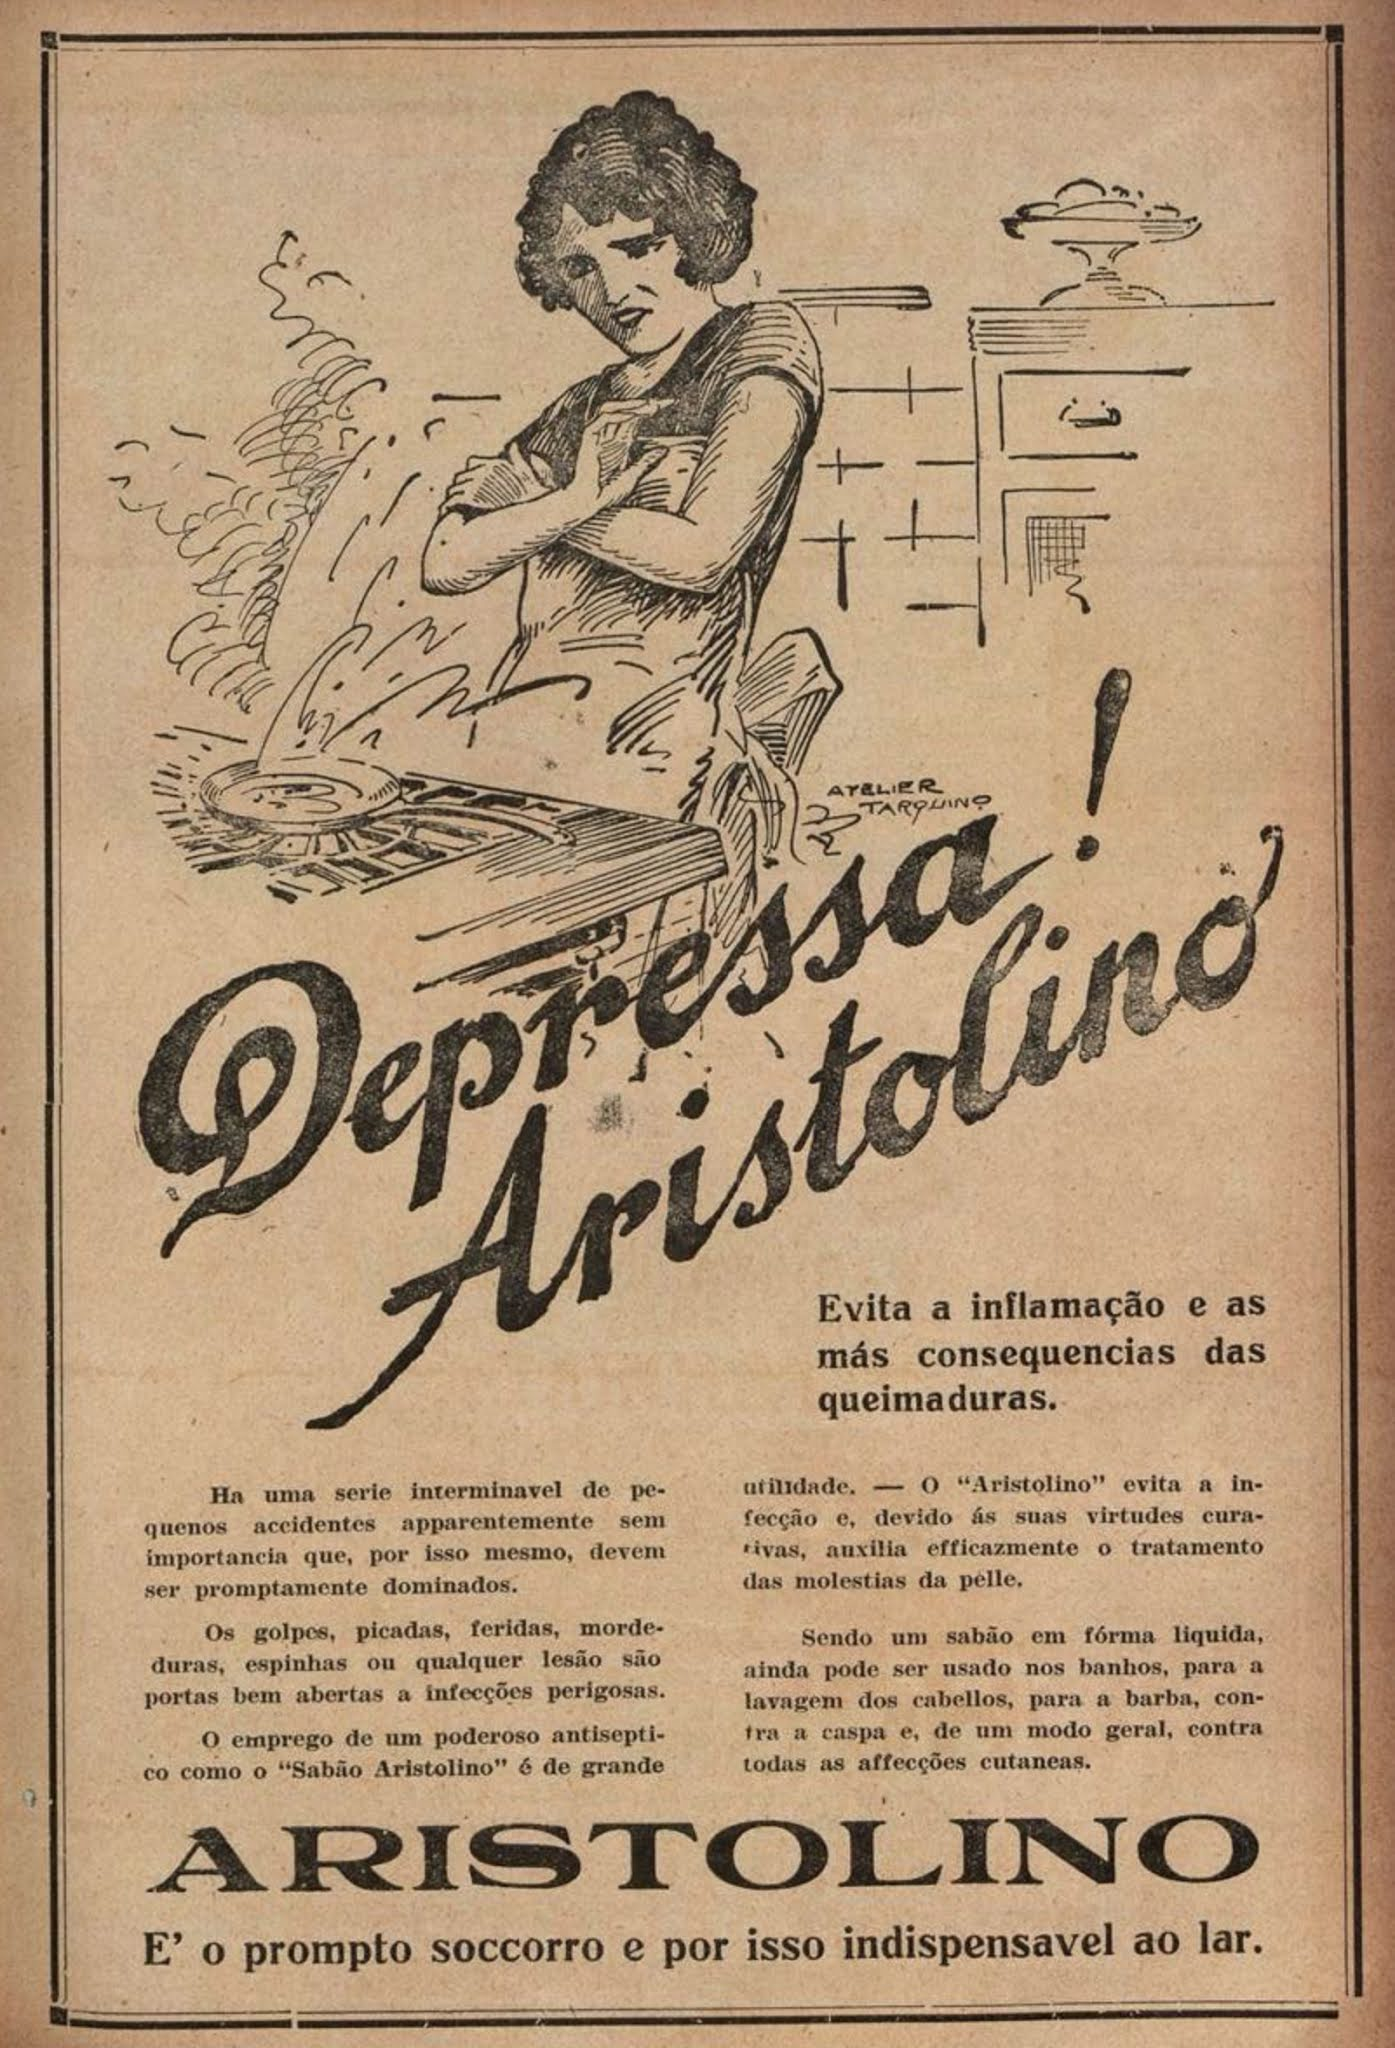 Propaganda do Sabão Aristolino em 1928 para combater inflamações de queimaduras